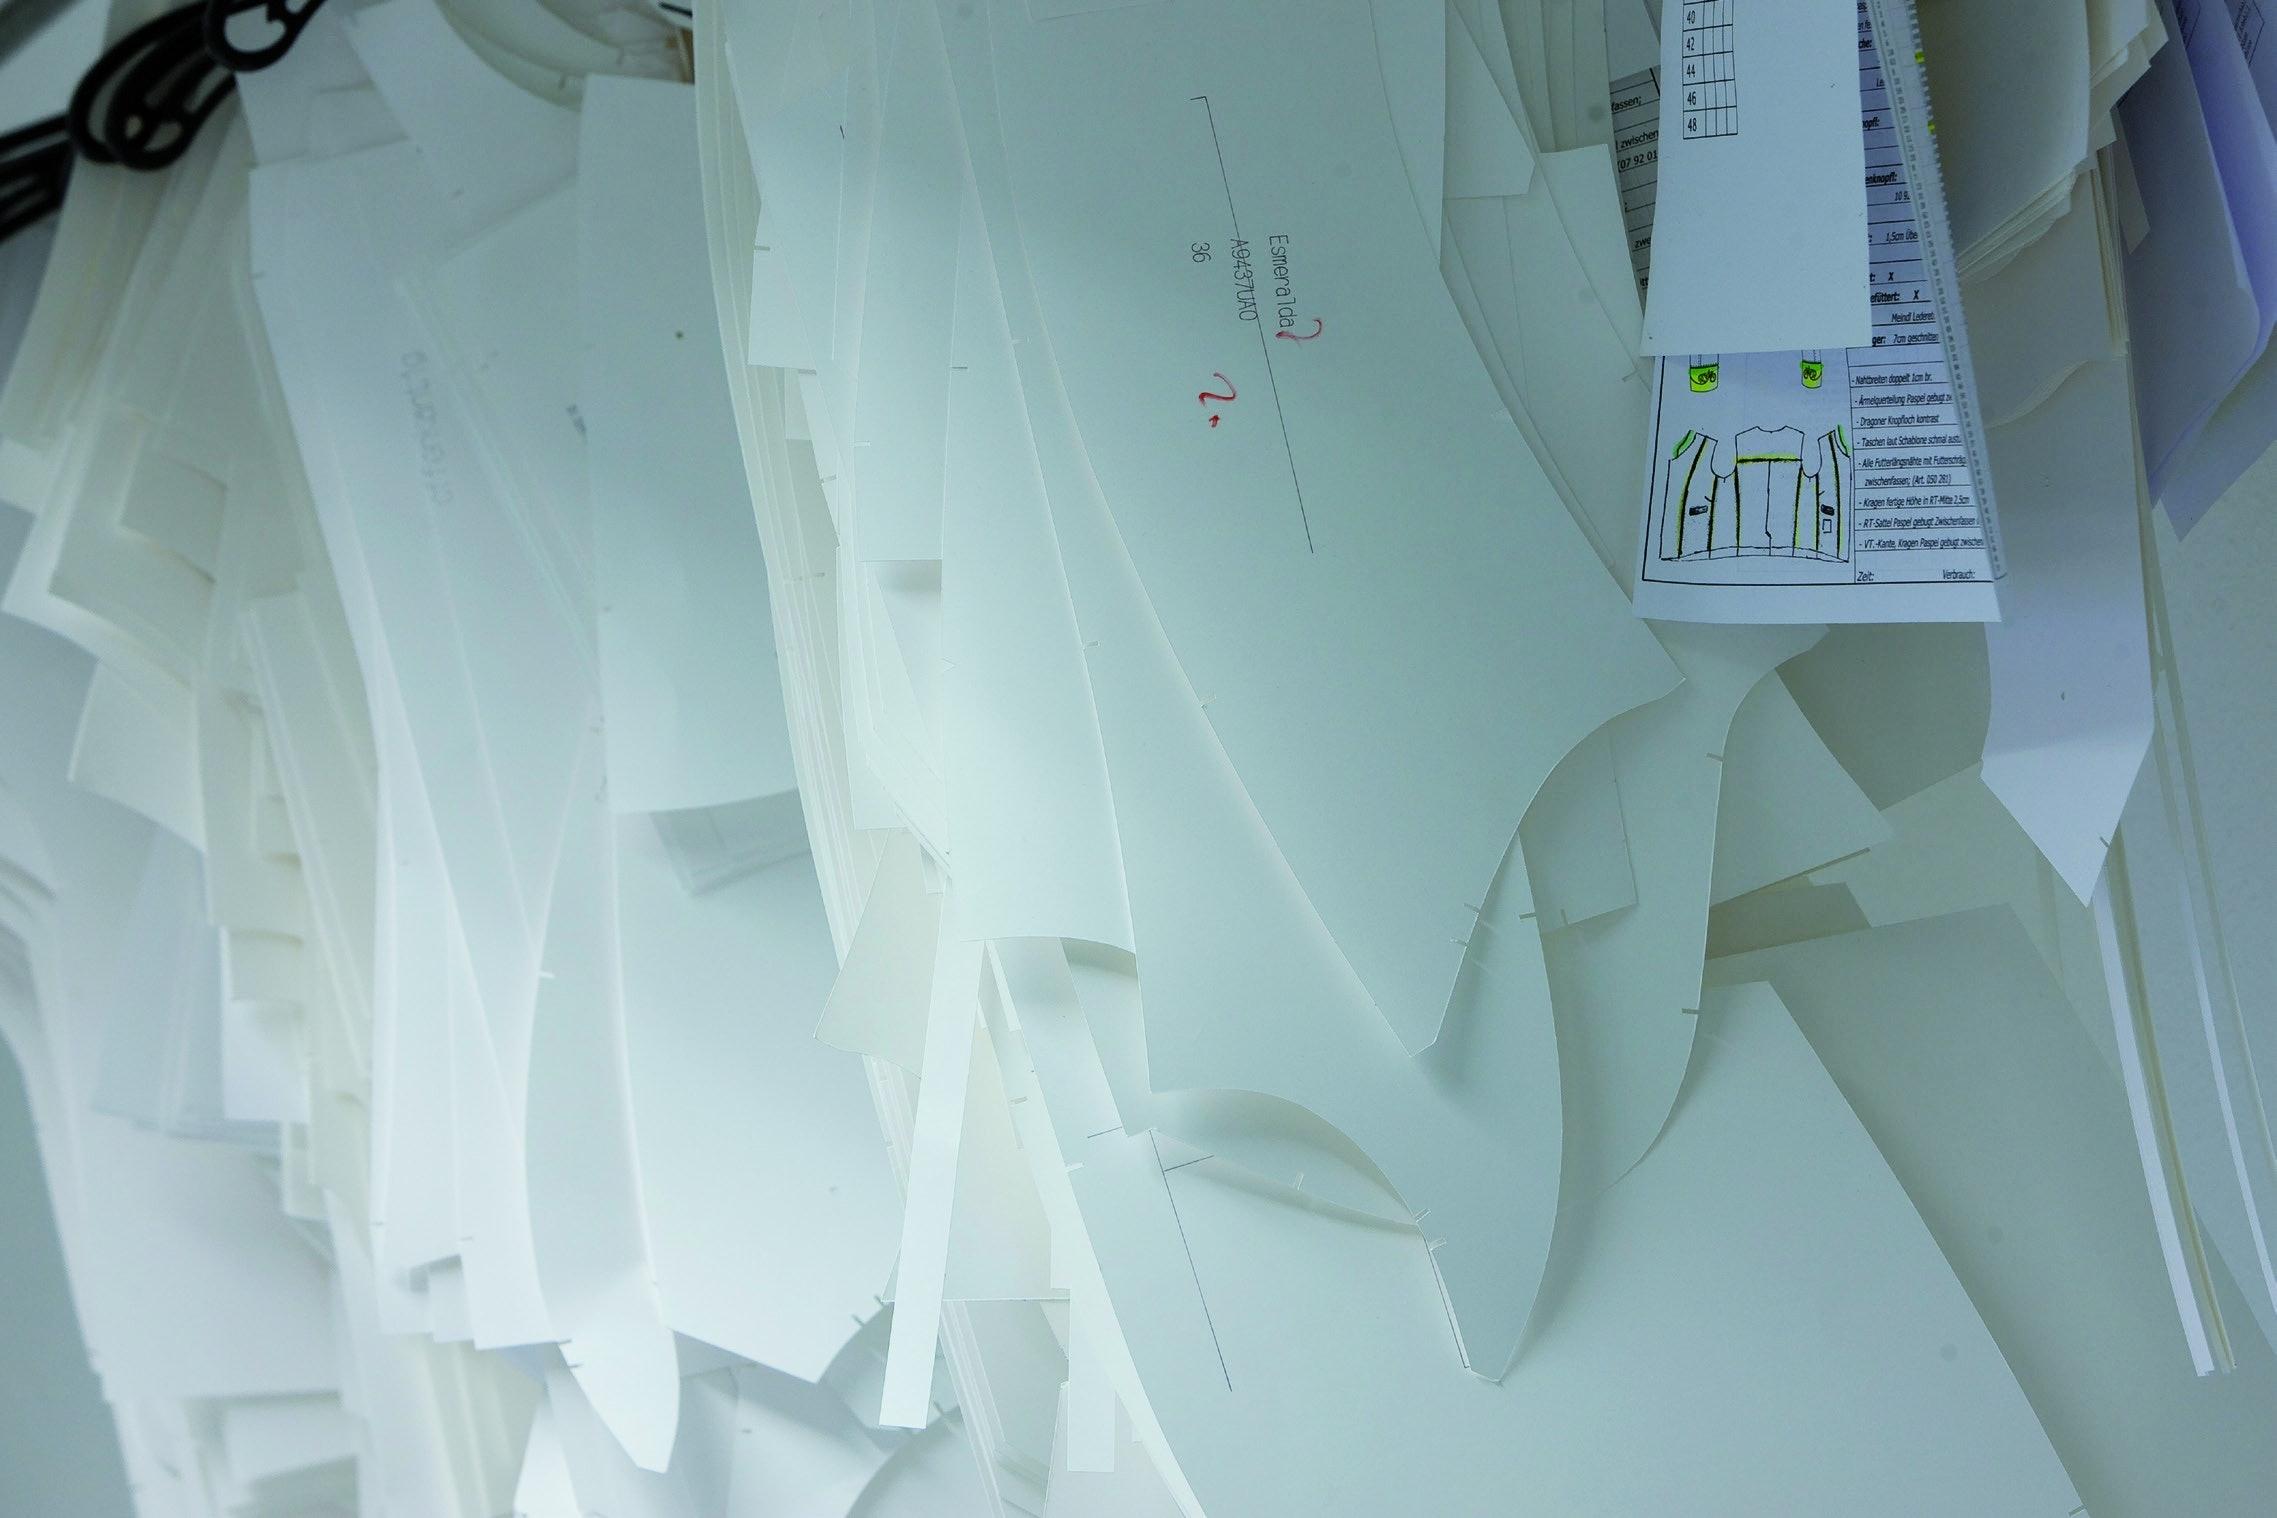 Zuschnitte der Lederhosen